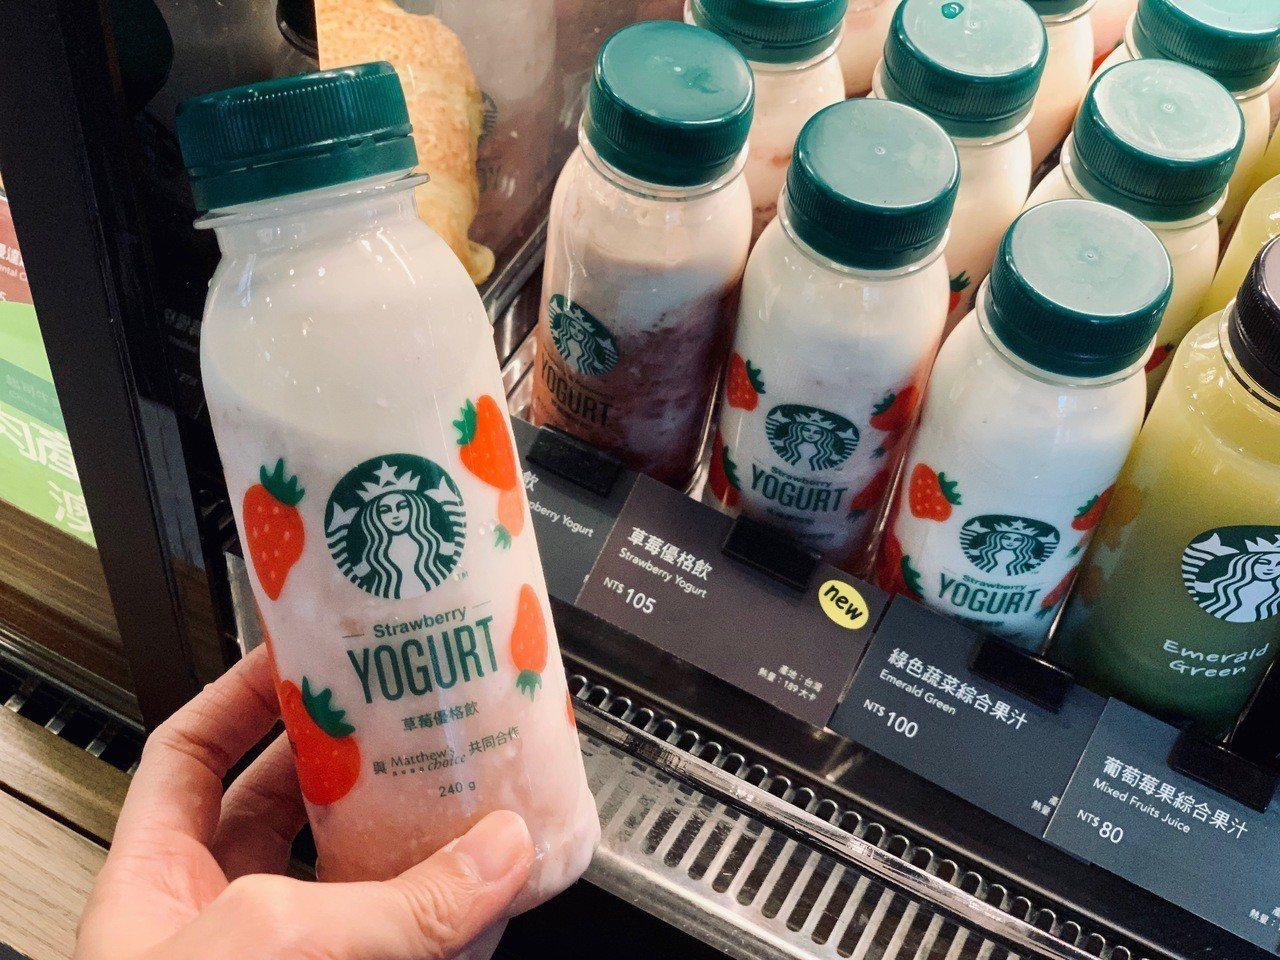 星巴克與馬修嚴選合作的「草莓優格飲」,售價105元。記者張芳瑜/攝影